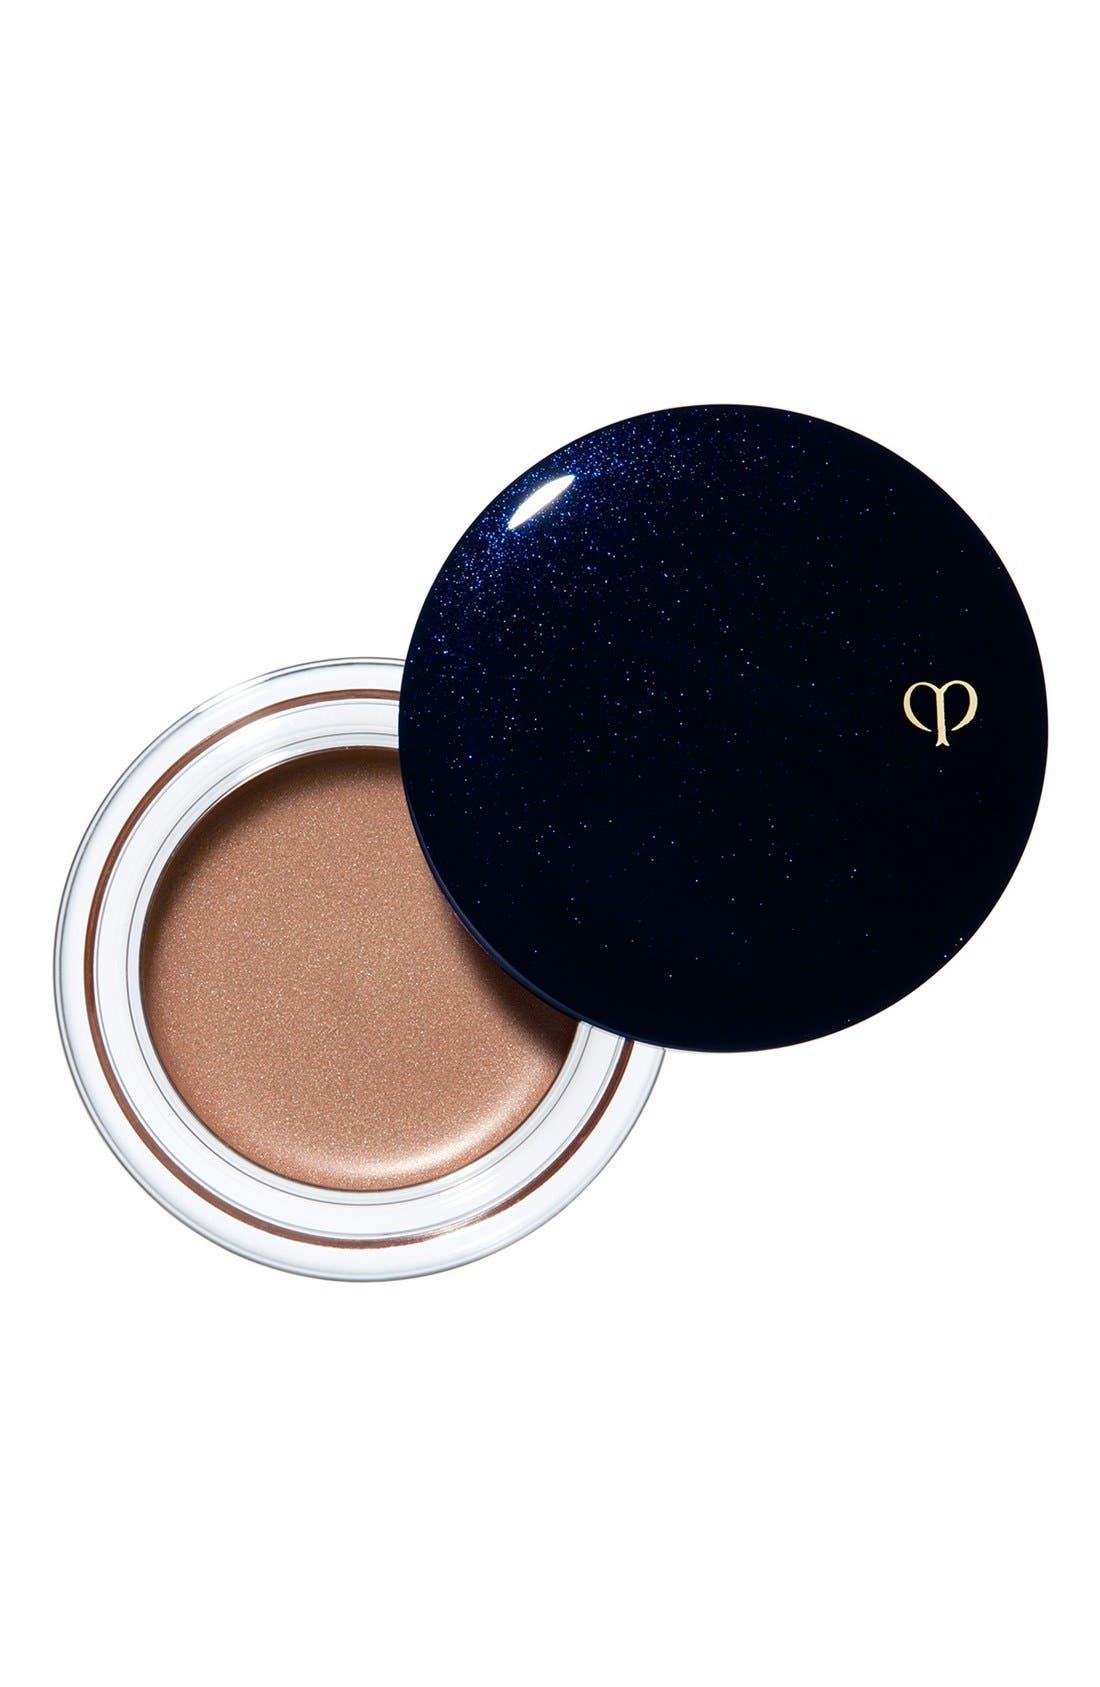 CLÉ DE PEAU BEAUTÉ, Cream Color Eyeshadow, Main thumbnail 1, color, 304 PONY